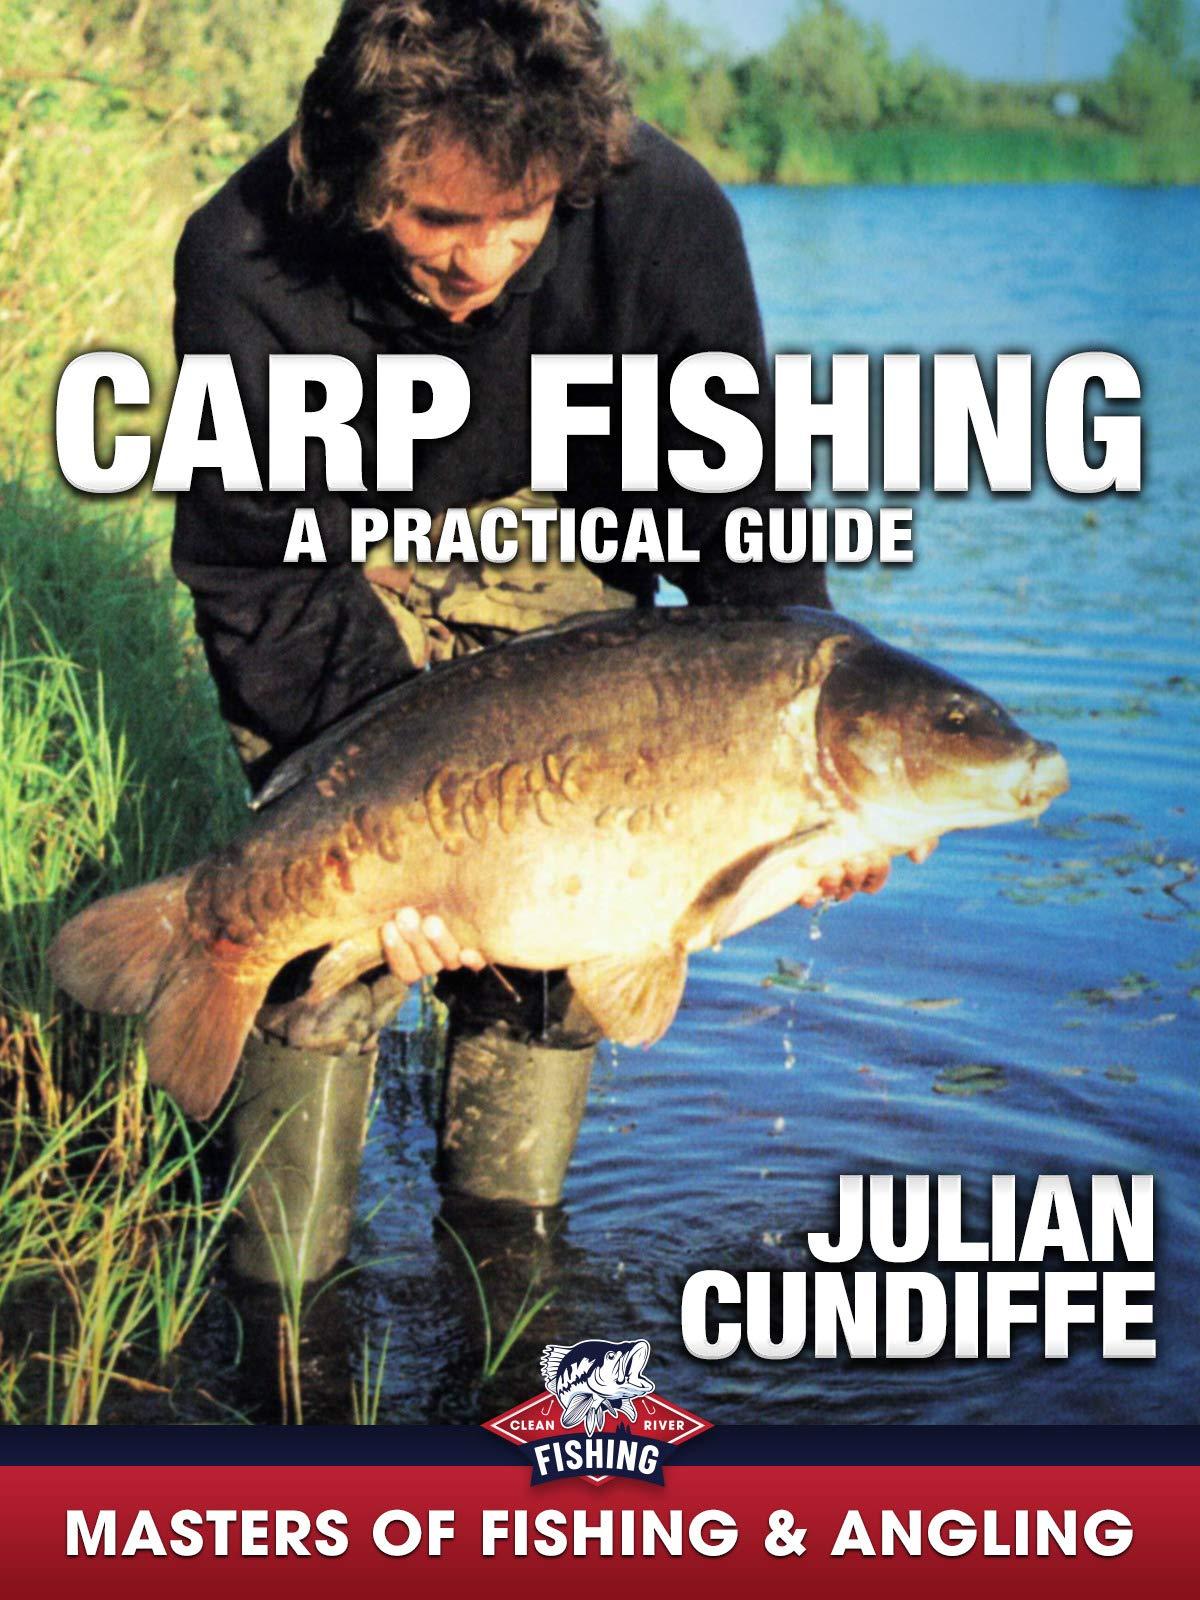 Carp Fishing: A Practical Guide - Julian Cundiffe (Masters of Fishing & Angling)